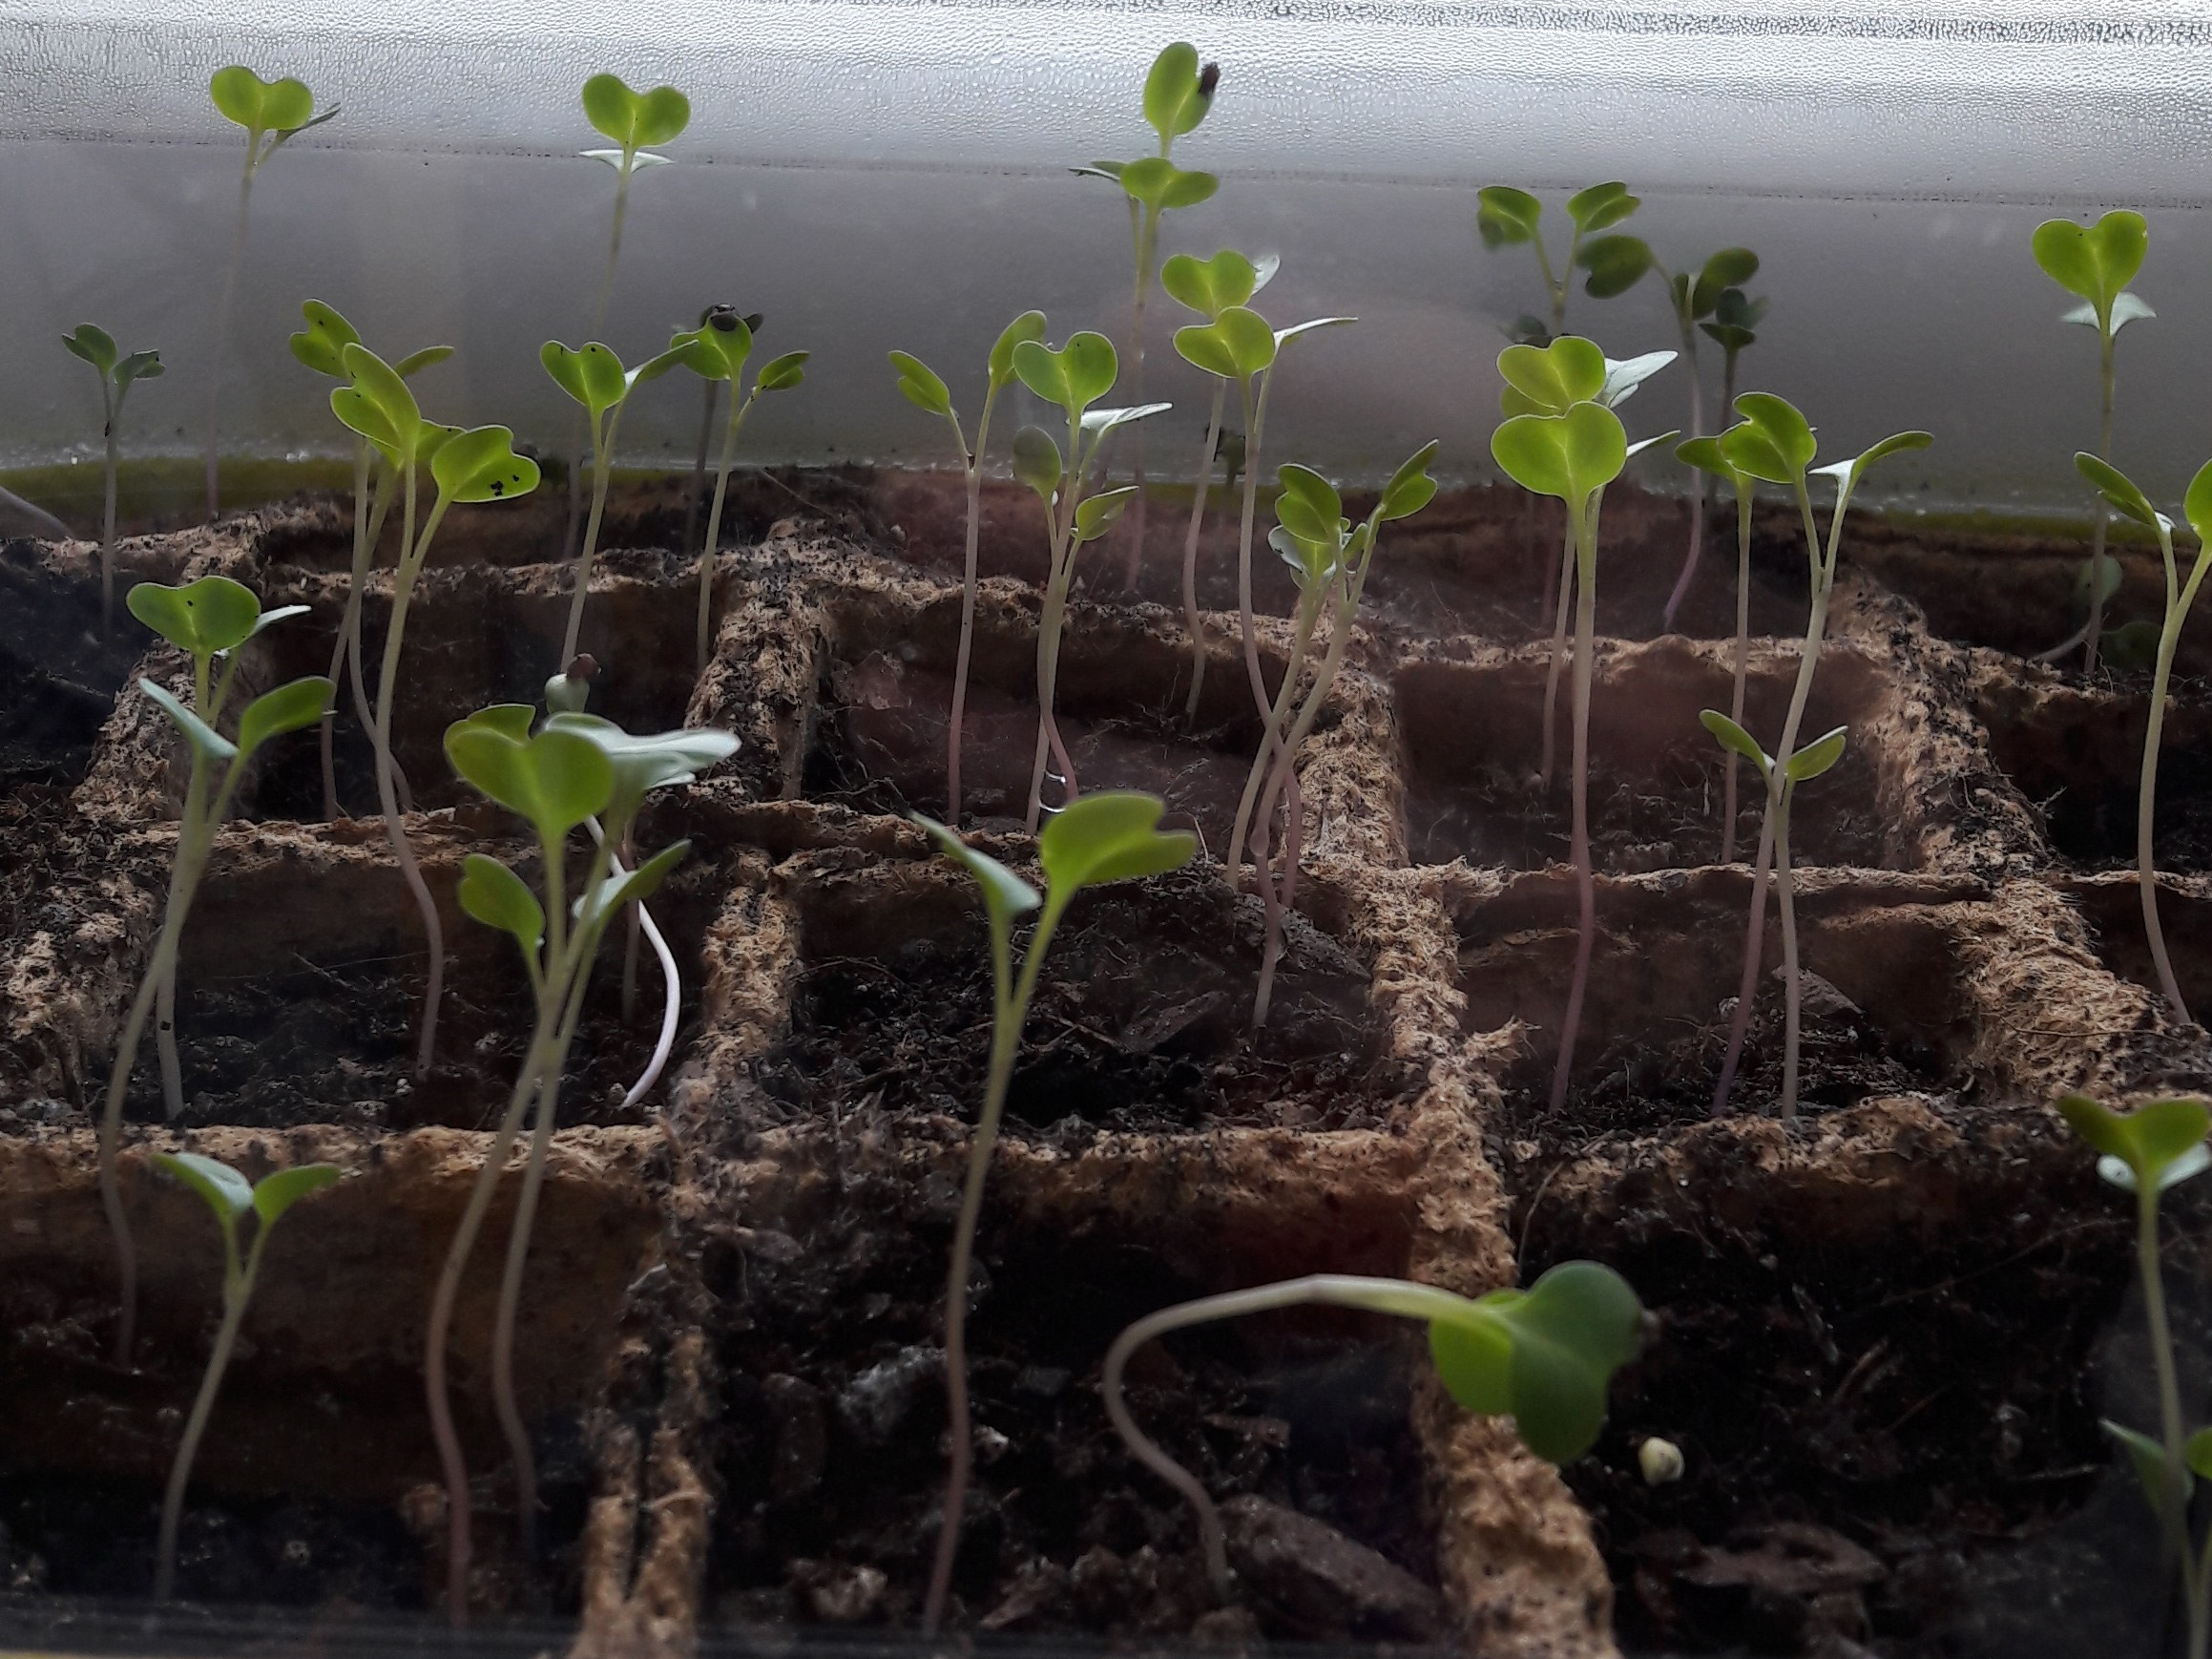 Den Pflanzen beim Wachsen zusehen